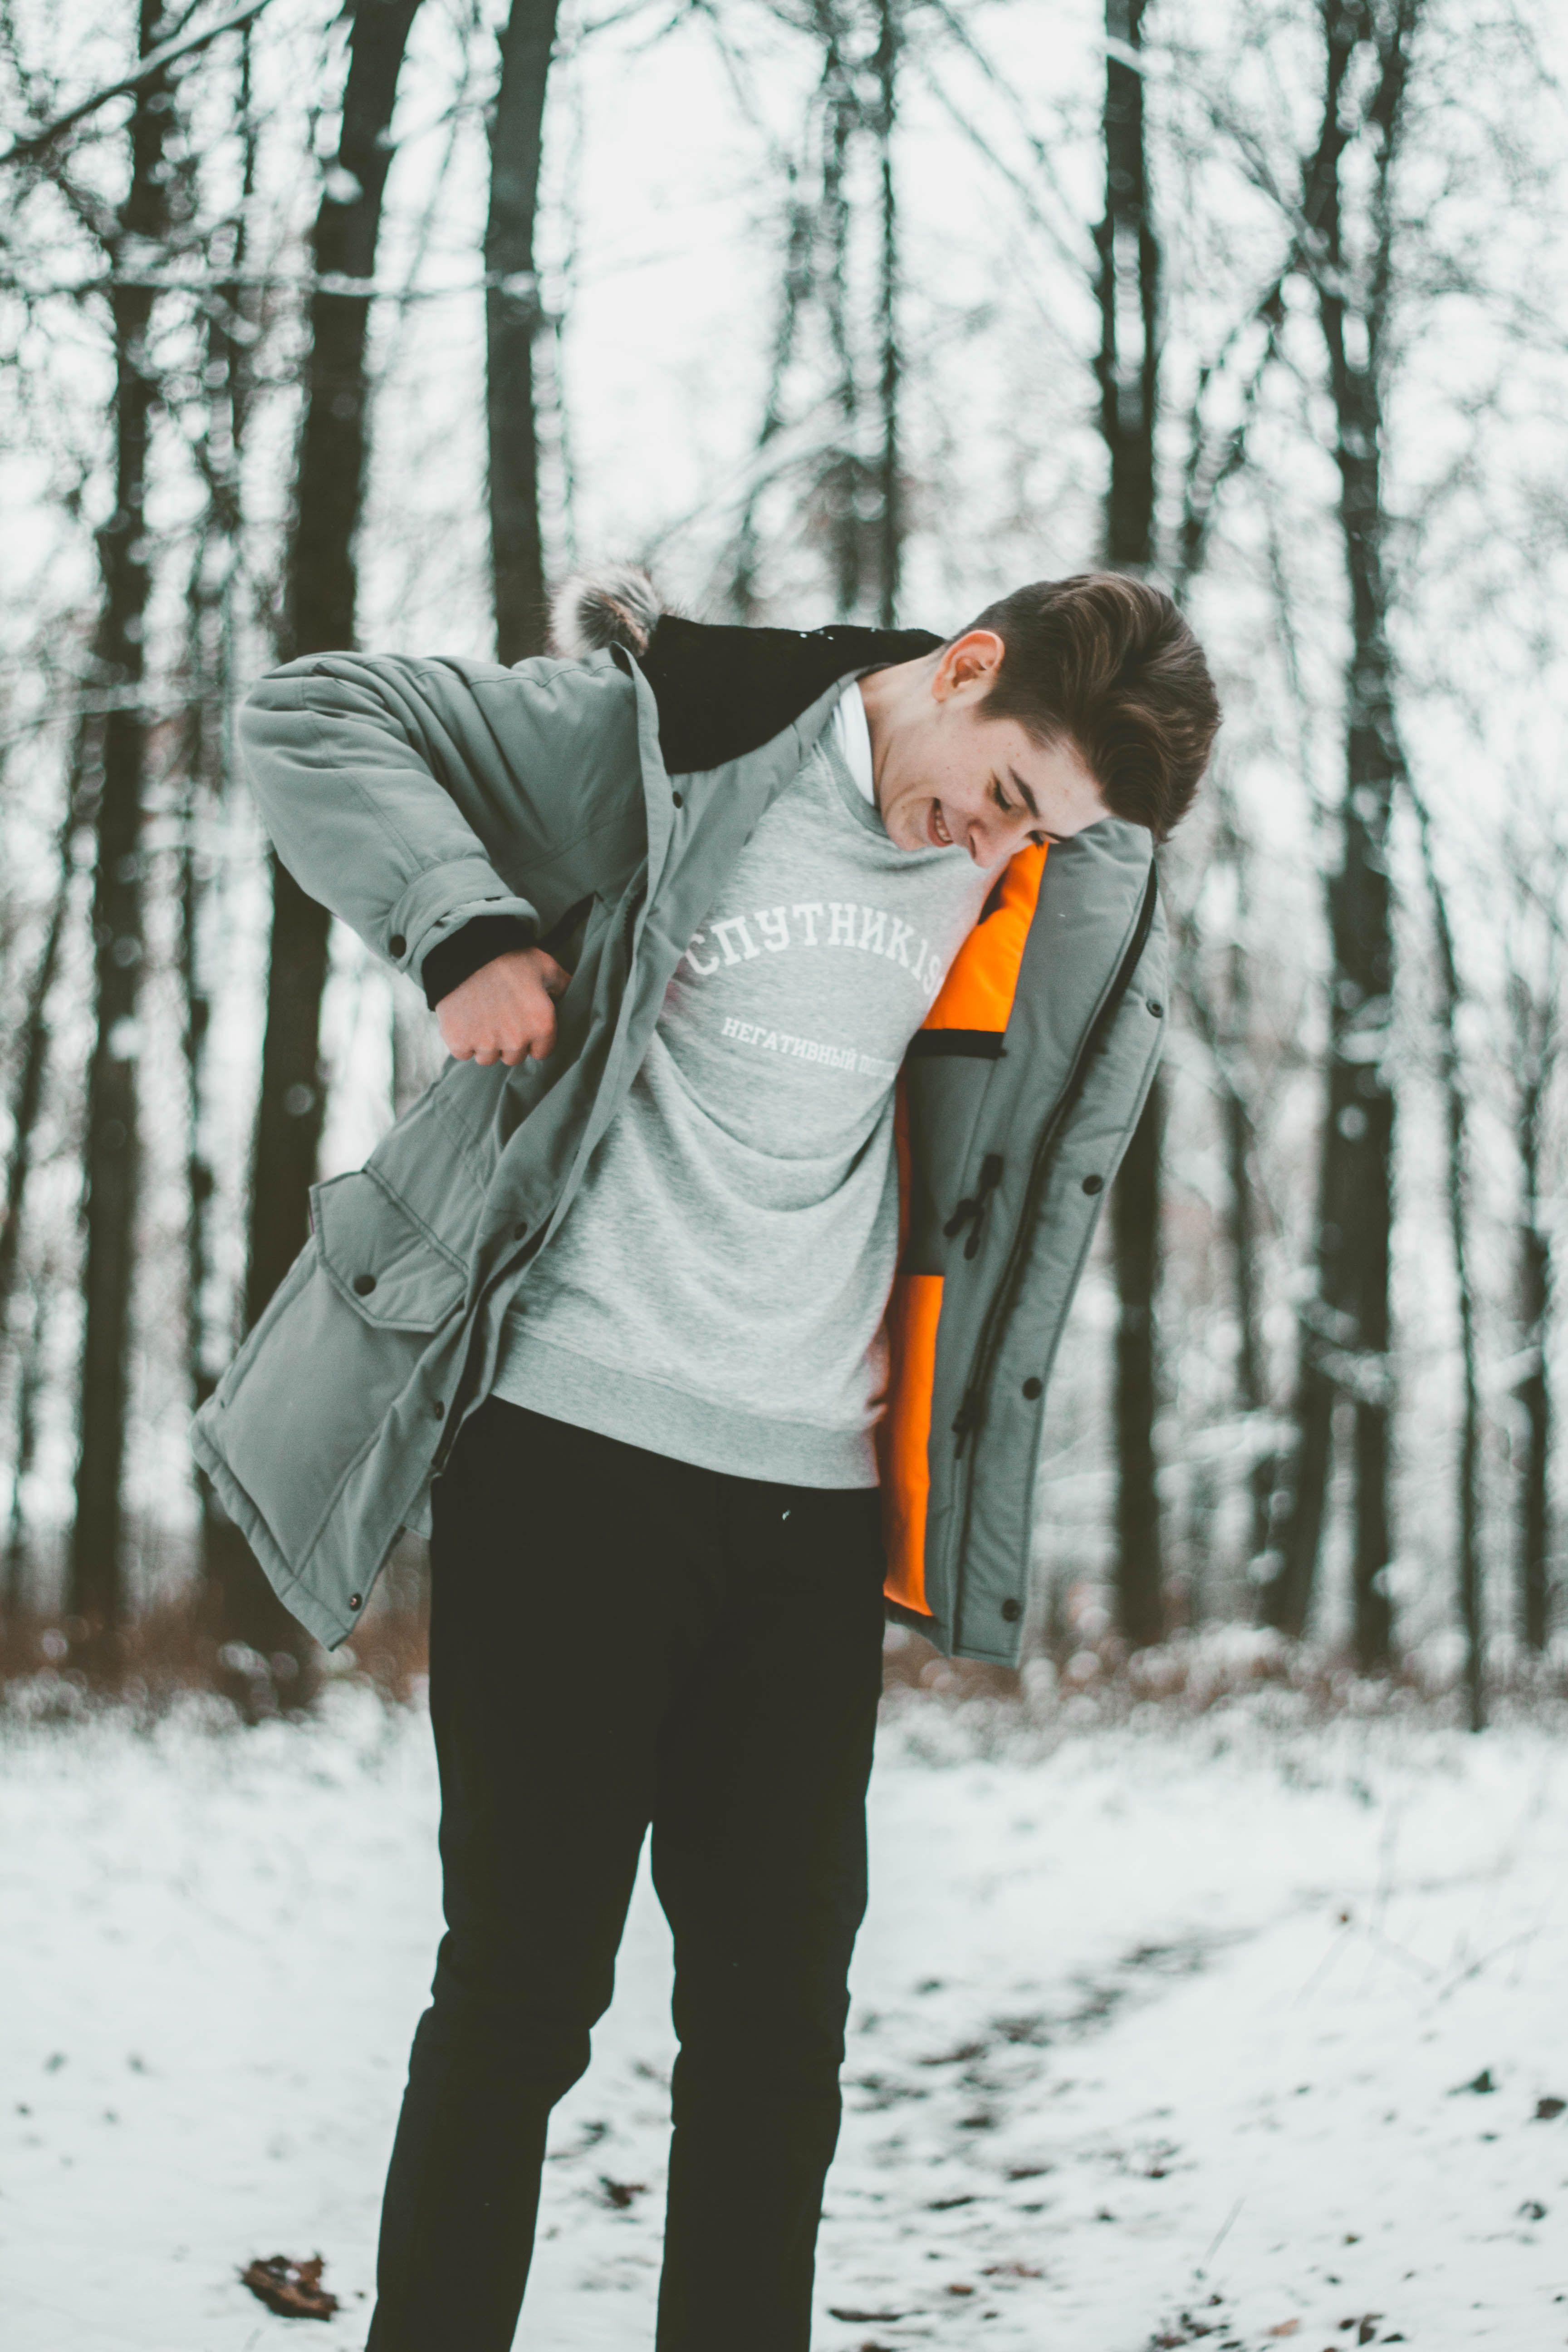 мужские позы фото в лесу зимой рад